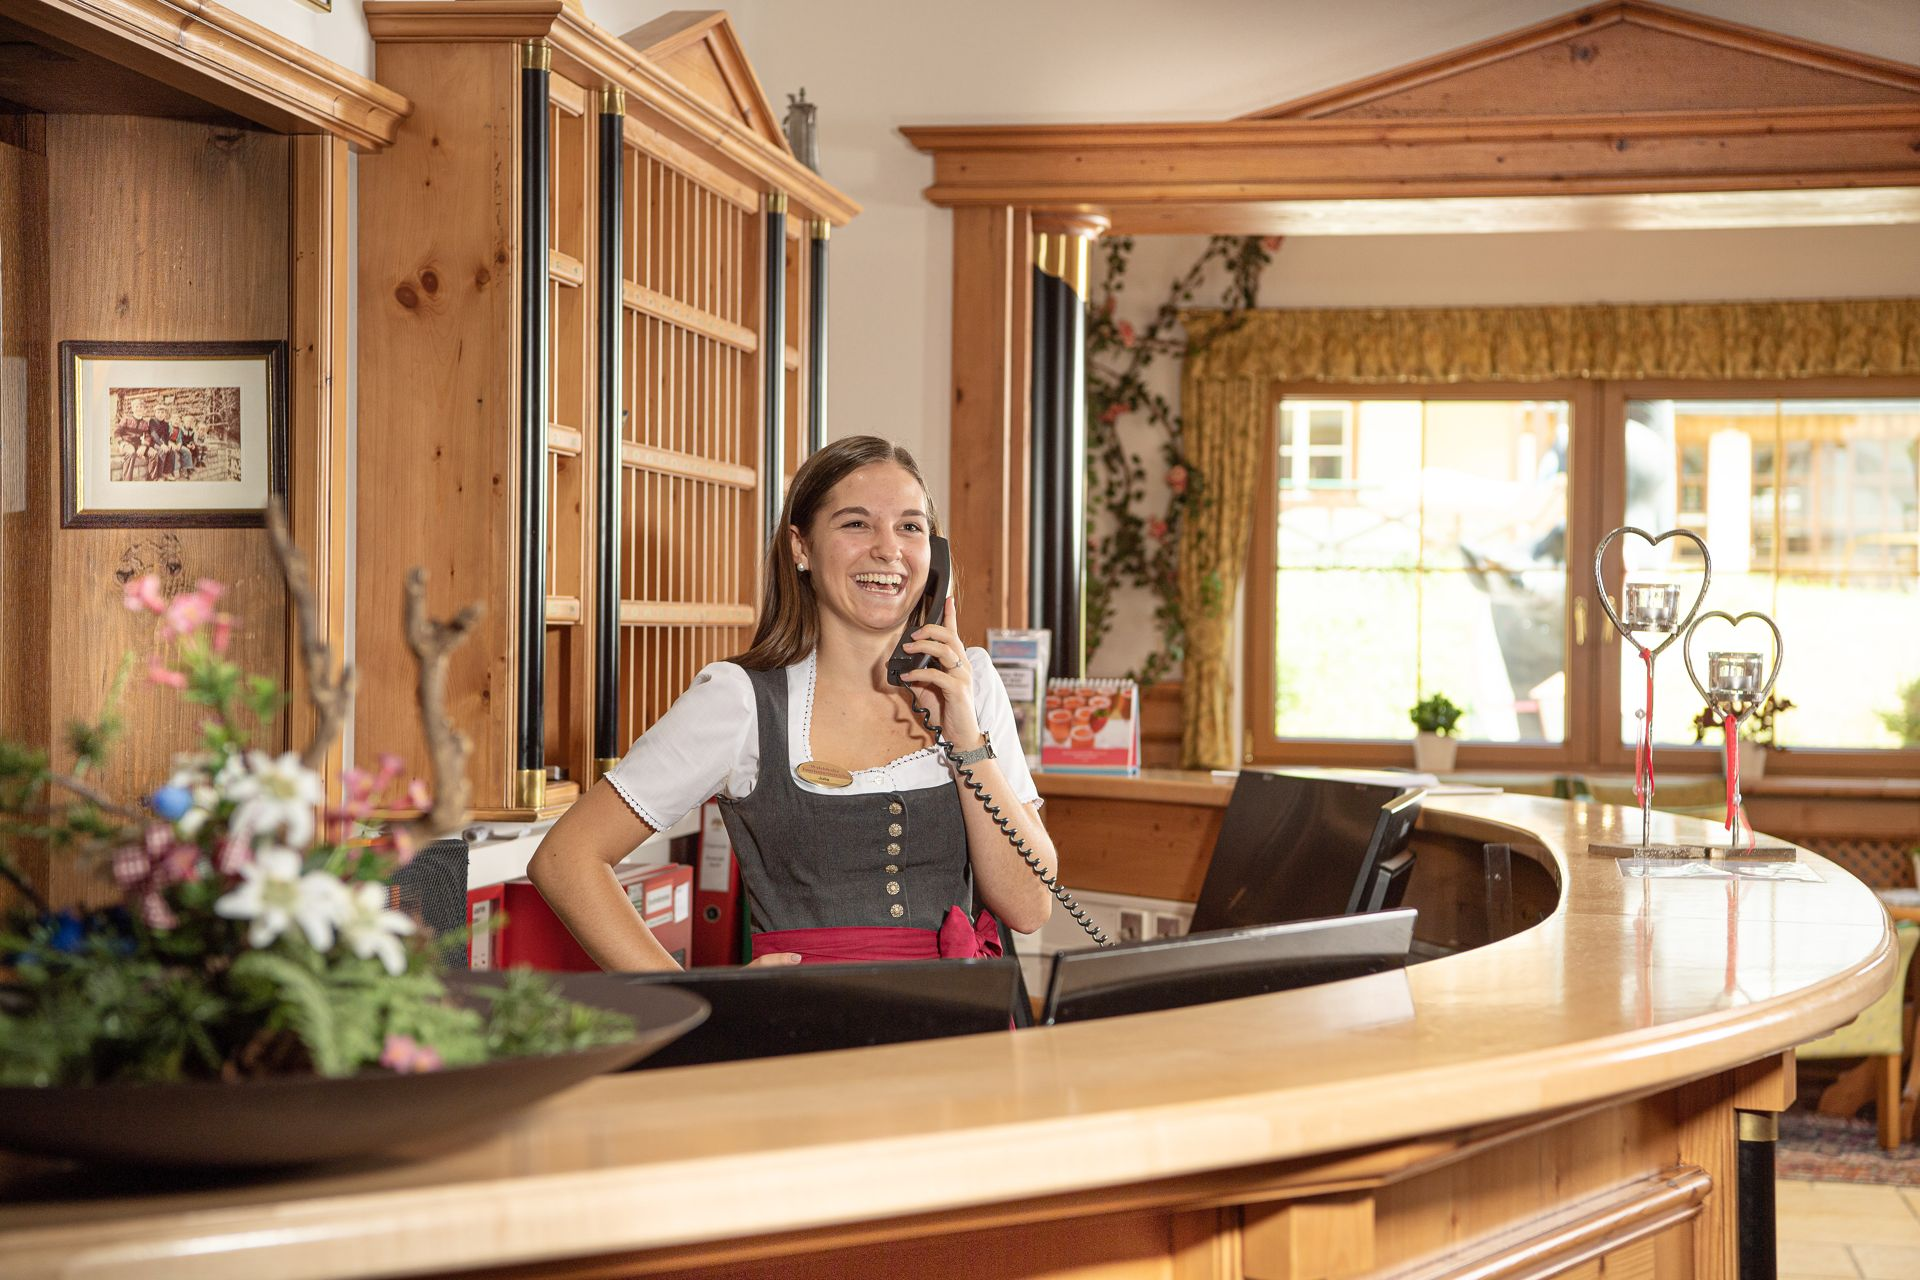 Anfragen oder buchen an der Rezeption im Hotel Zauchenseehof - Altenmarkt, Zauchensee